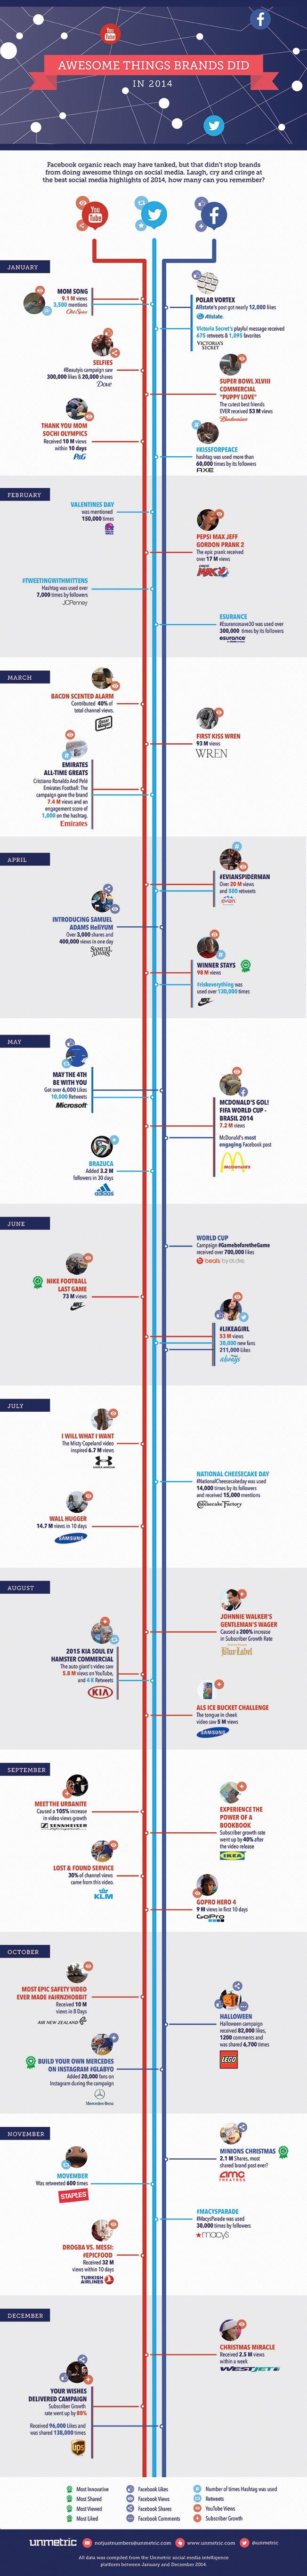 Cosas que las marcas  dijeron en Redes Sociales 2014